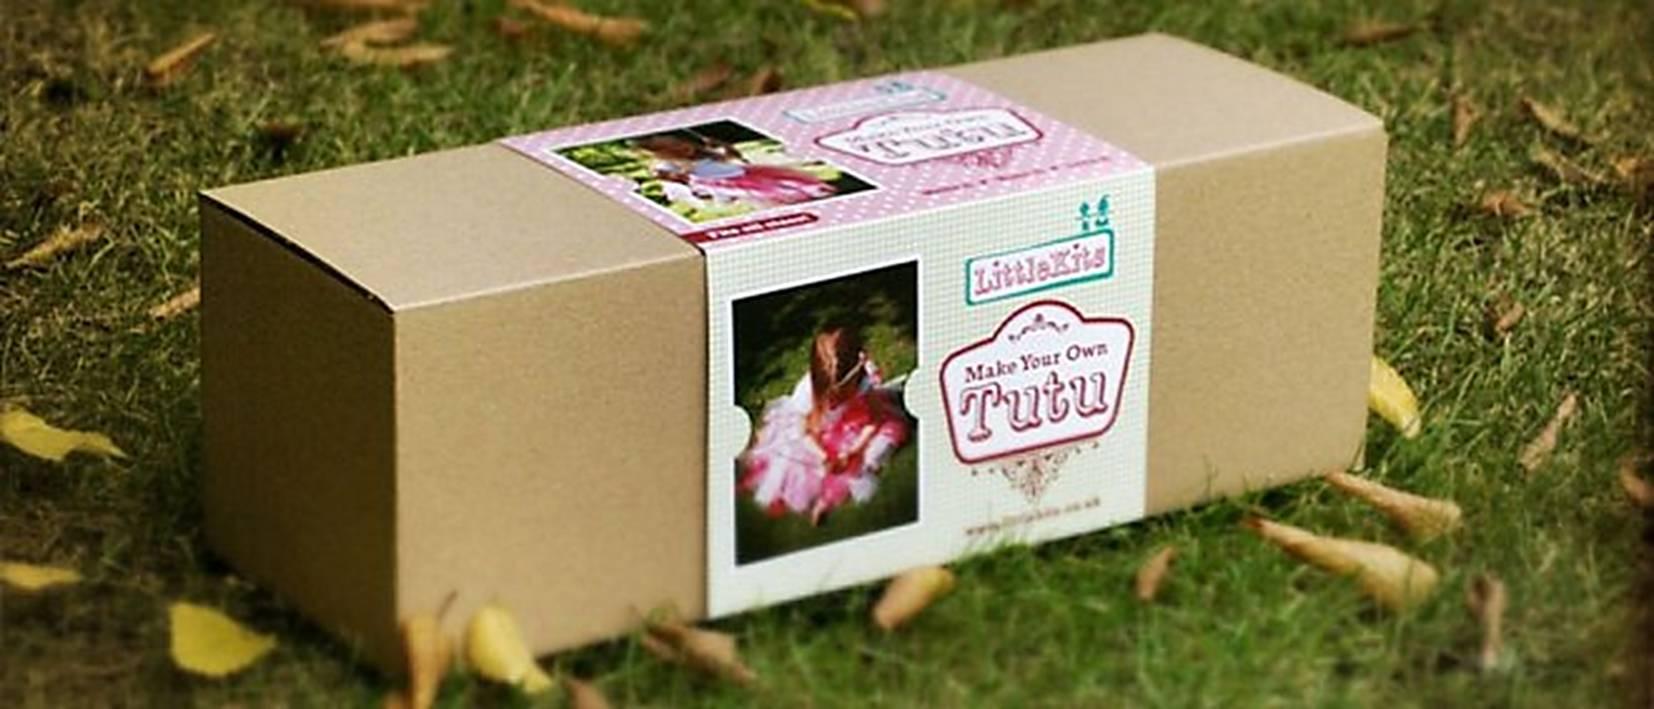 littlekits grass pack